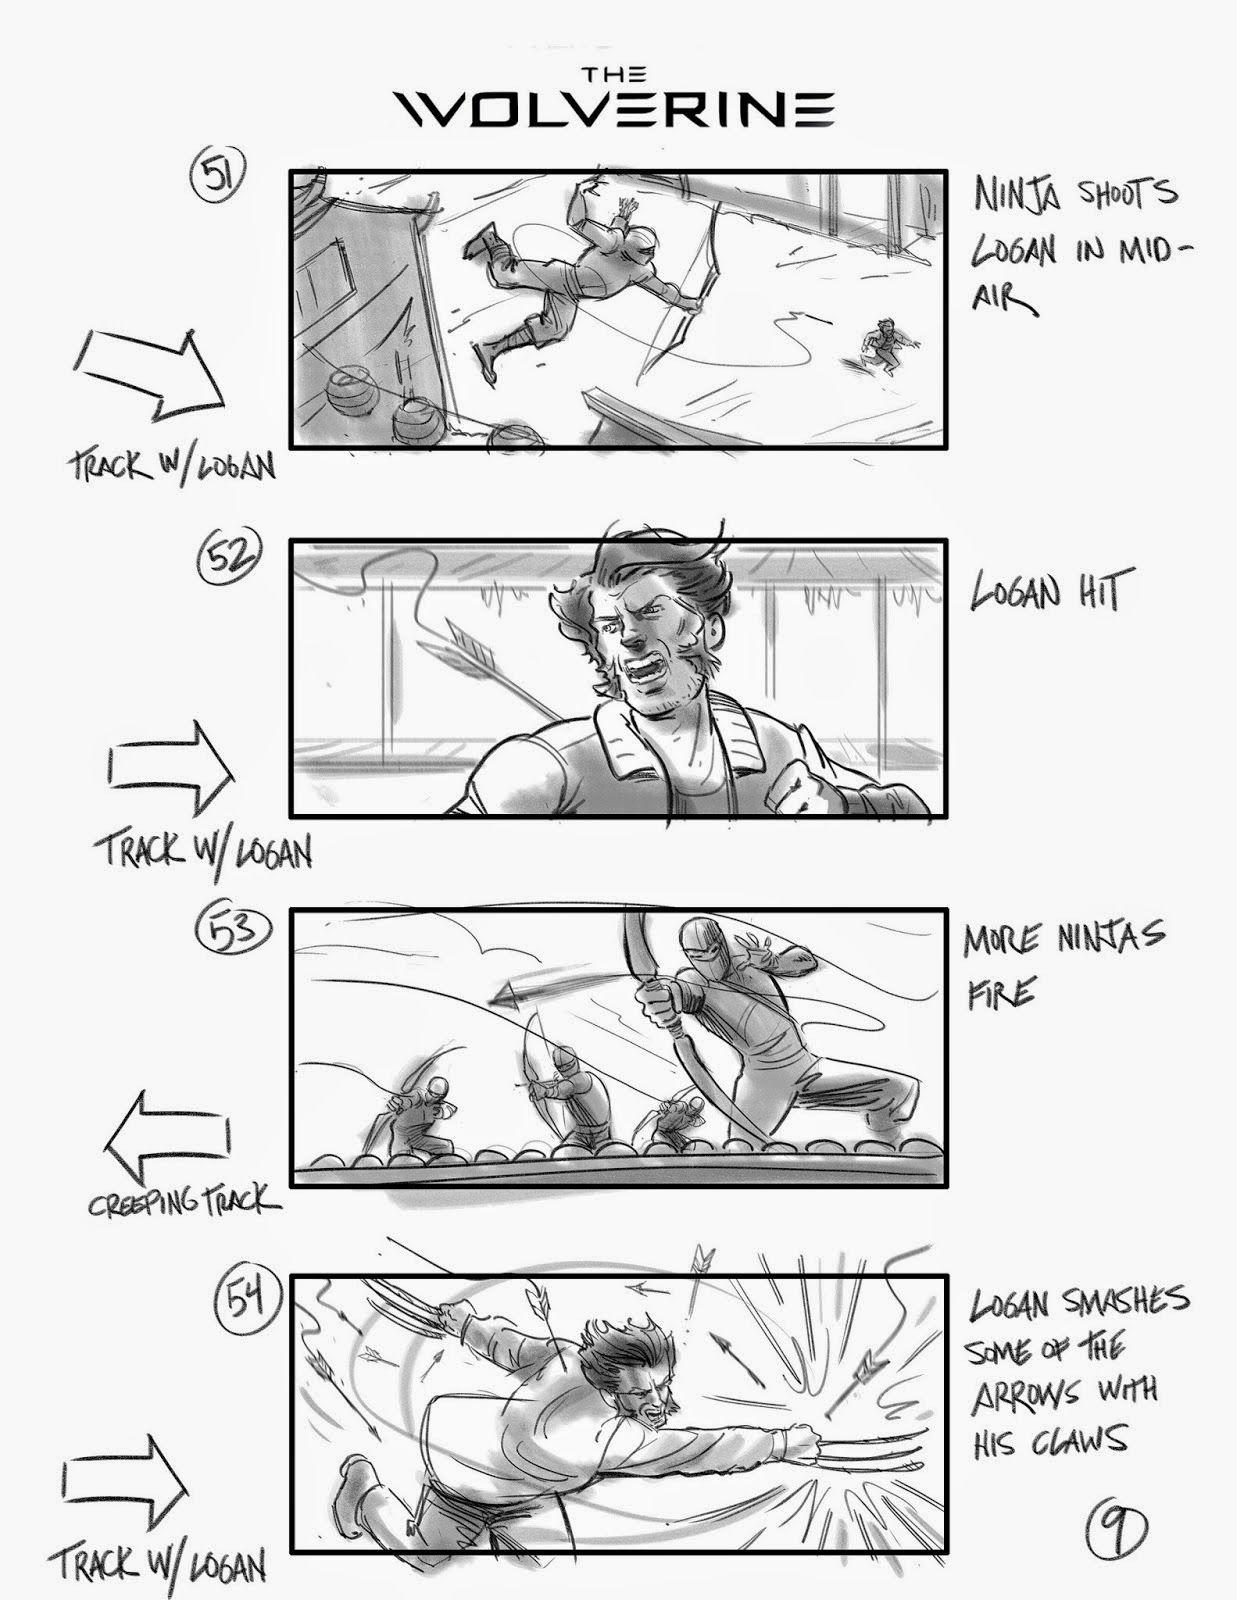 Un storyboard o guión gráfico es un conjunto de ilustraciones mostradas en  secuencia con el objetivo de servir de guía para entende.